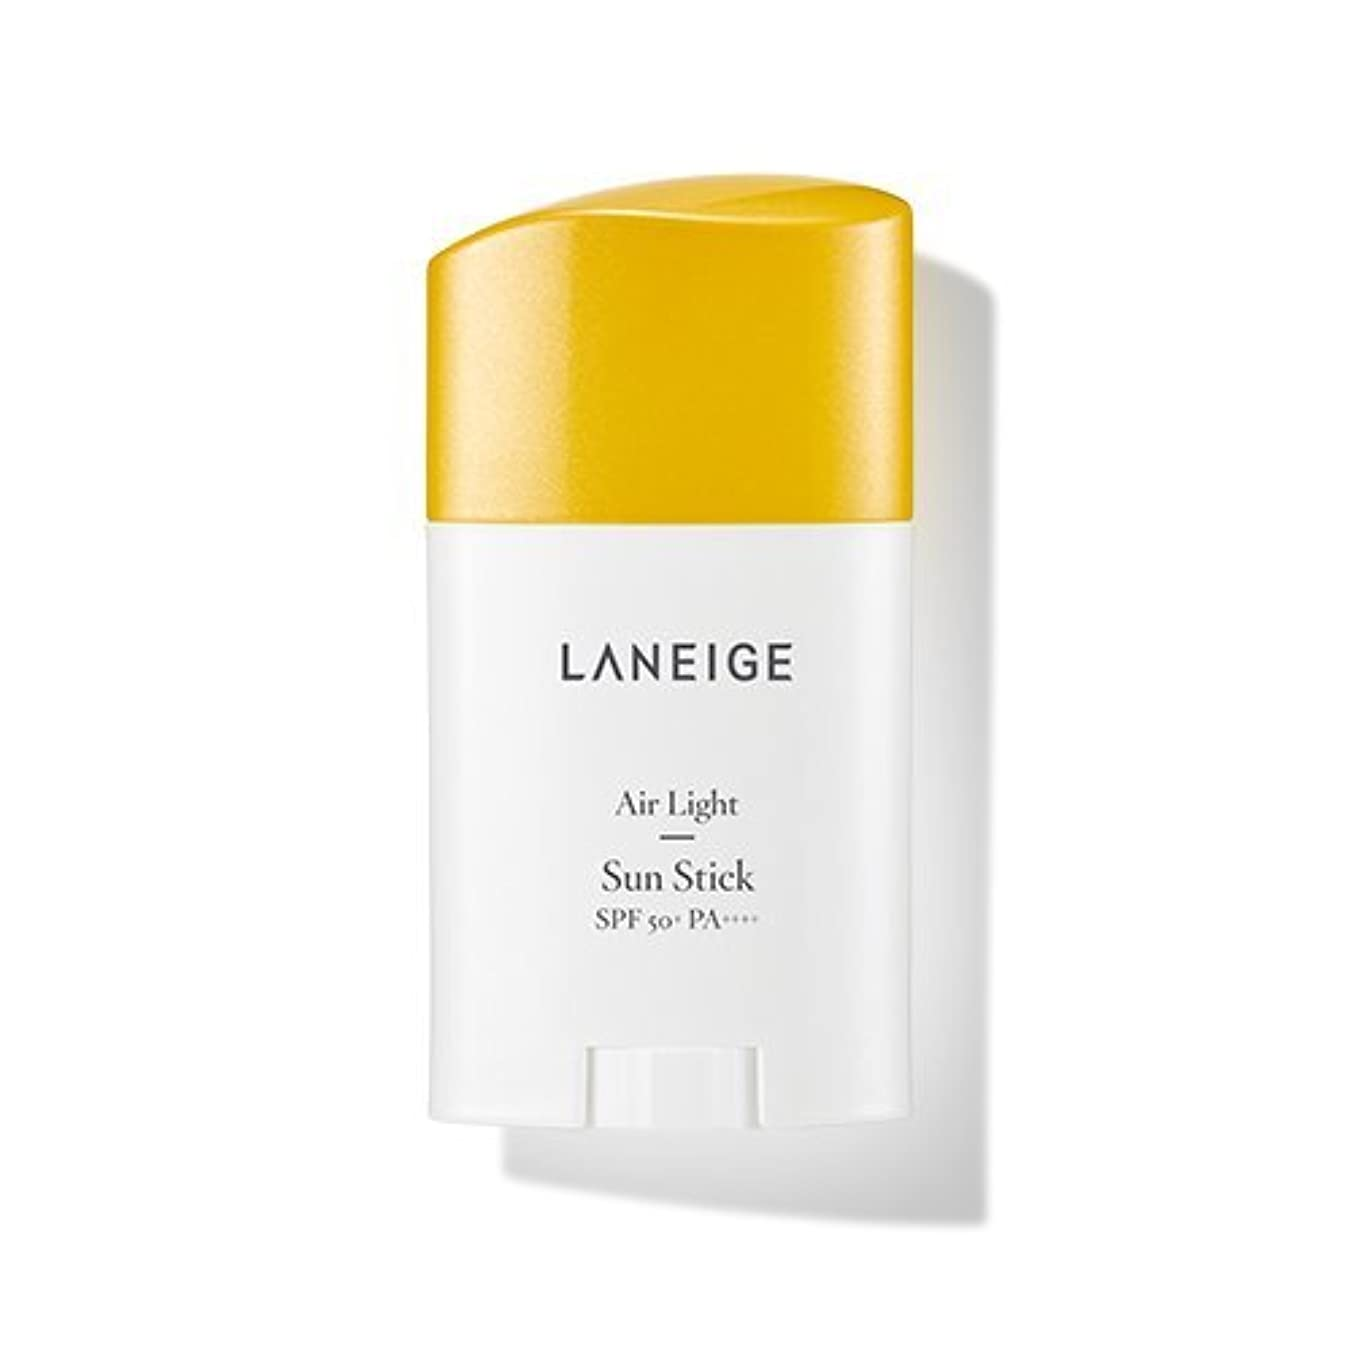 勉強するほこりっぽい波紋ラネージュ(LANEIGE) エアライト?サンスティック Air Light Sun Stick SPF50 PA+++ 26g